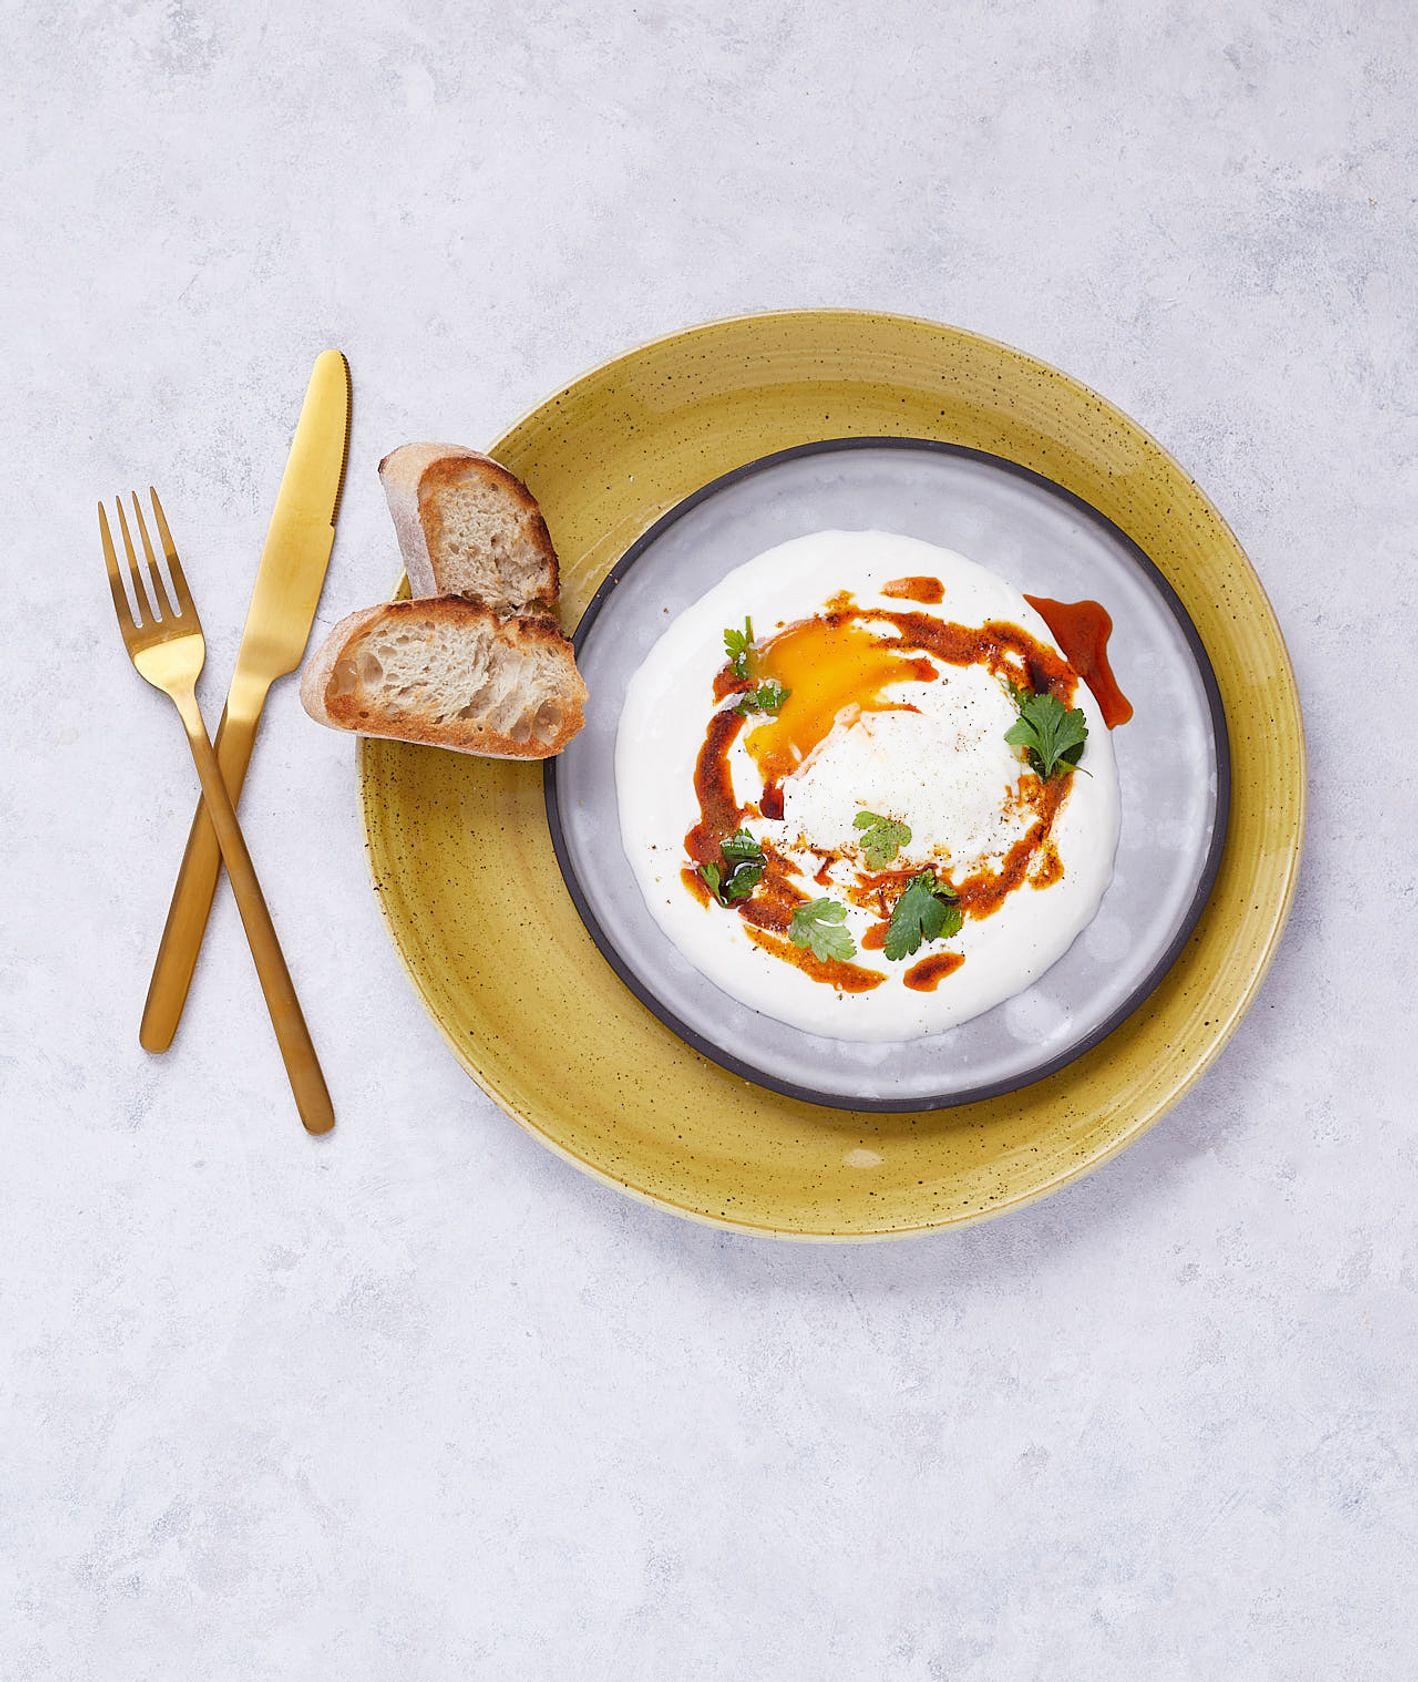 Orientalne śniadanie, przepis na jajka po turecku (fot.Maciek Niemojewski